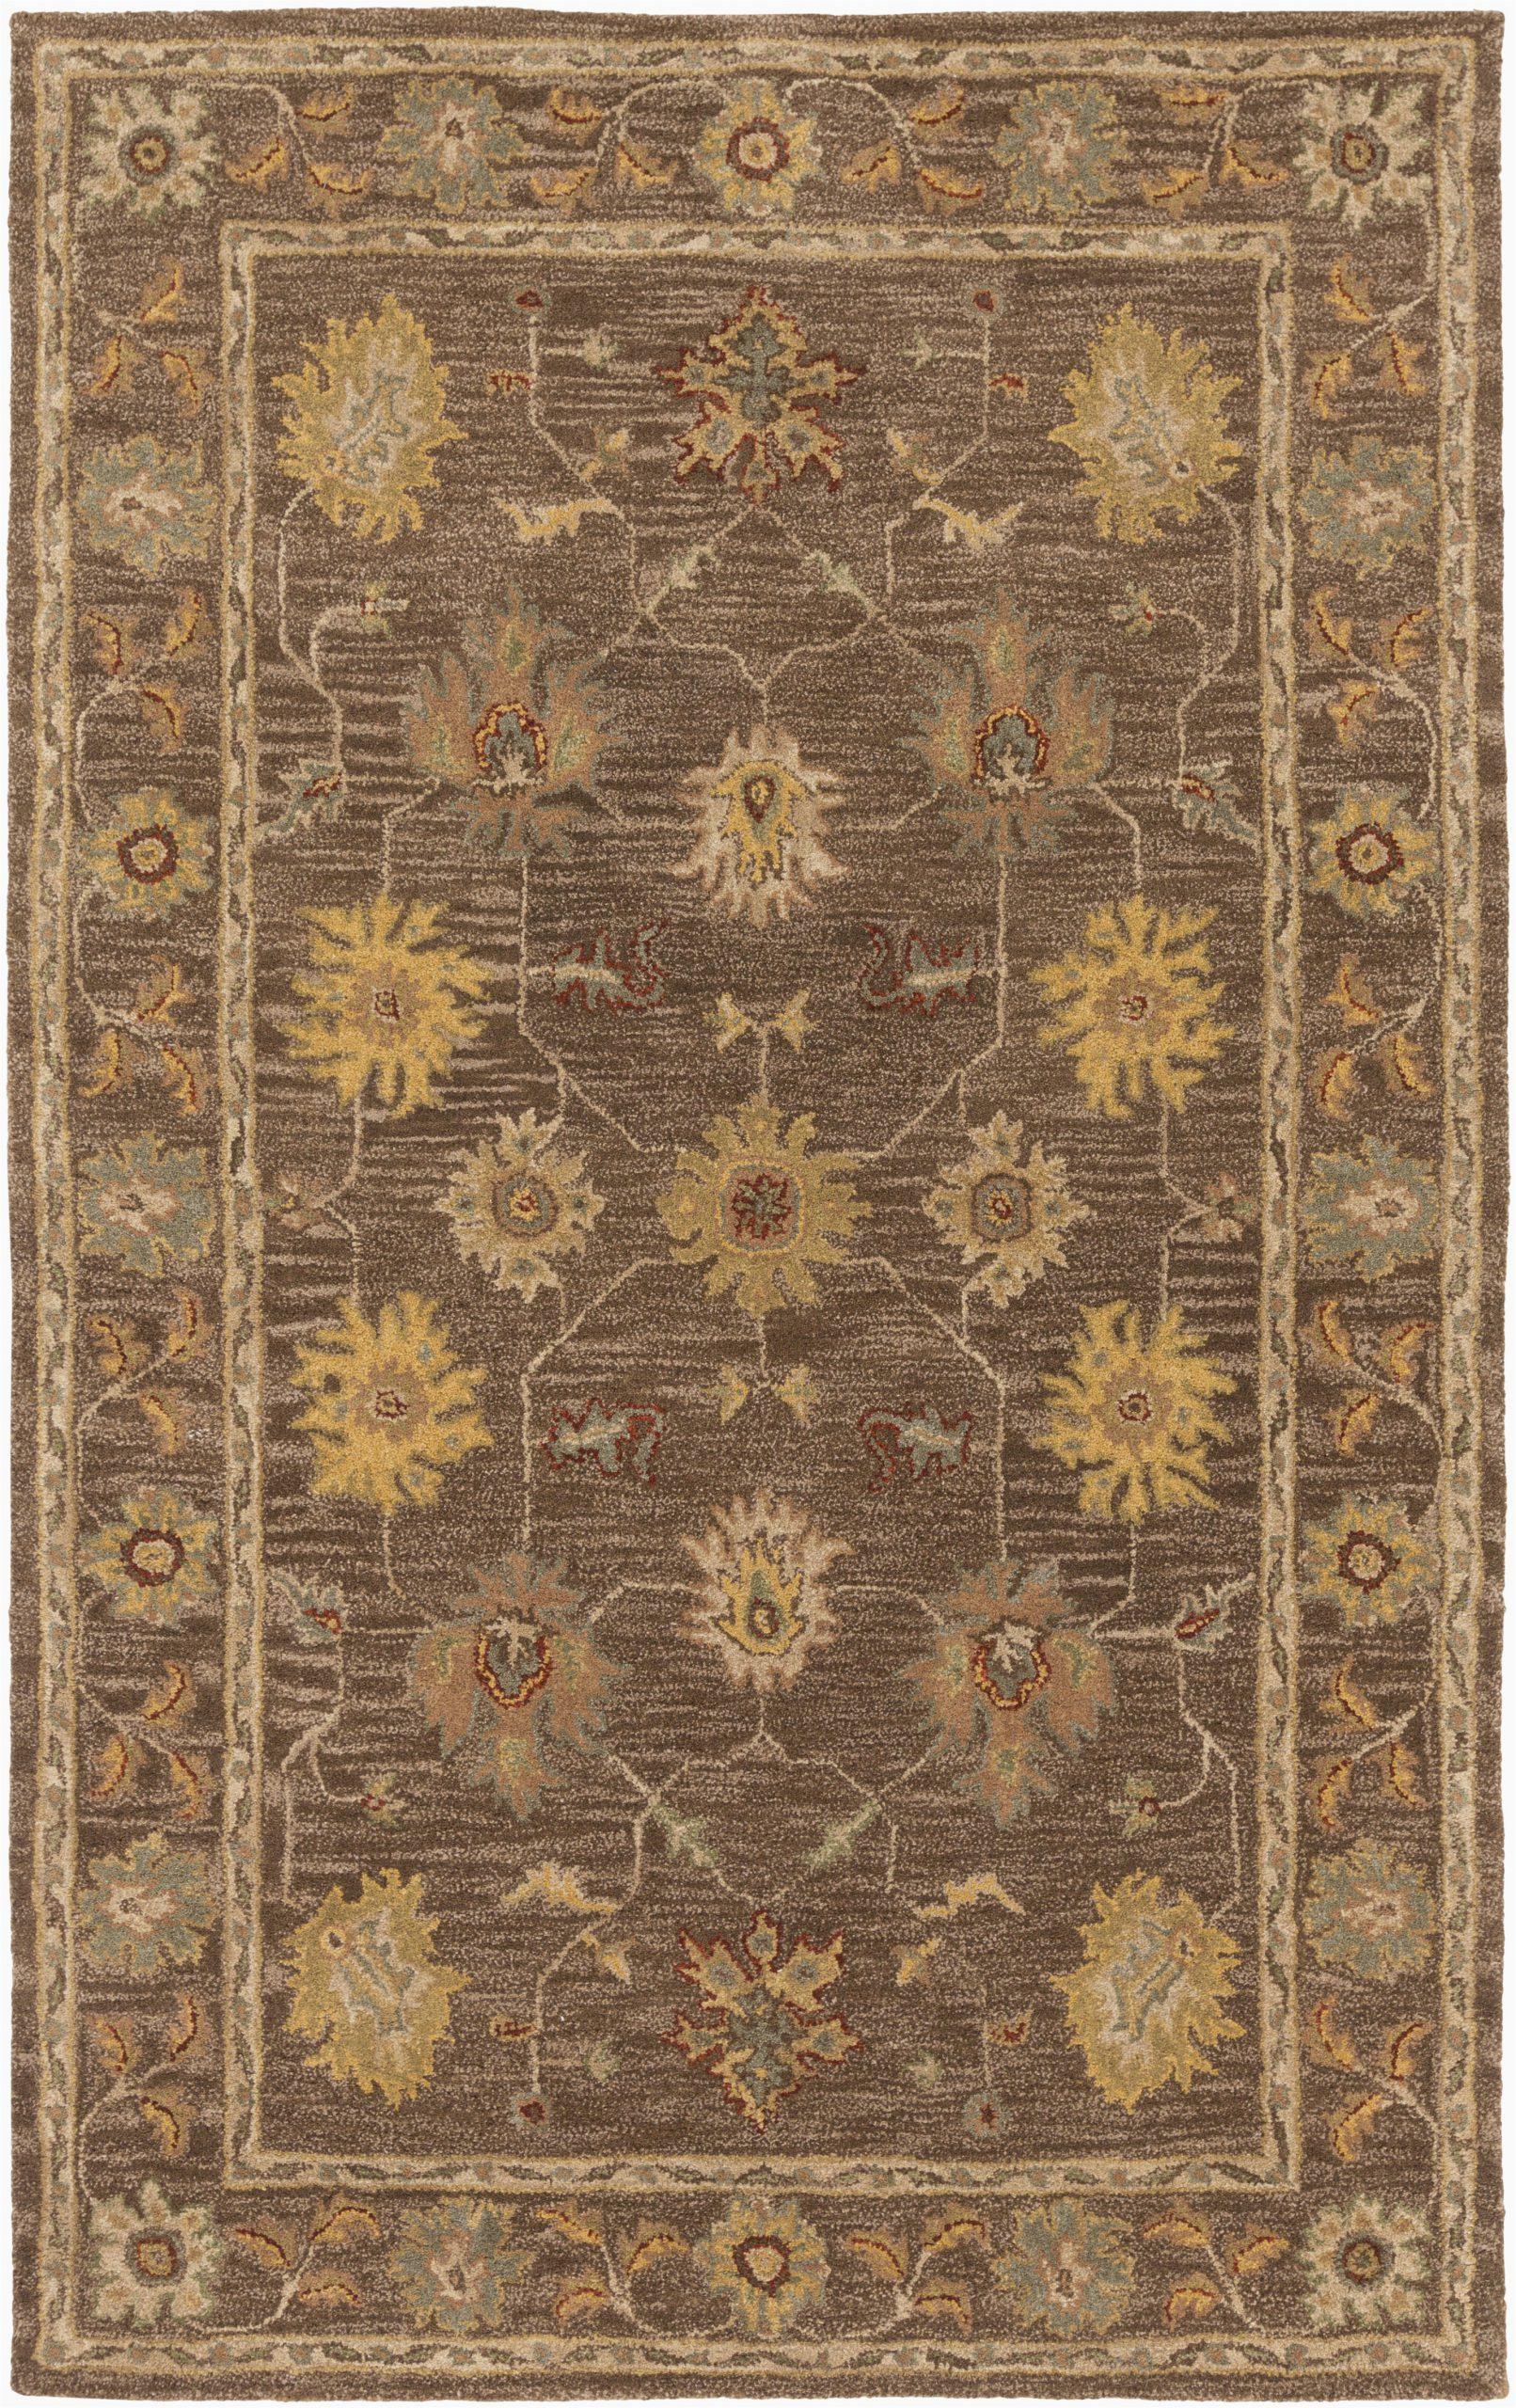 plemmons oriental handmade tufted wool dark browncamel area rug